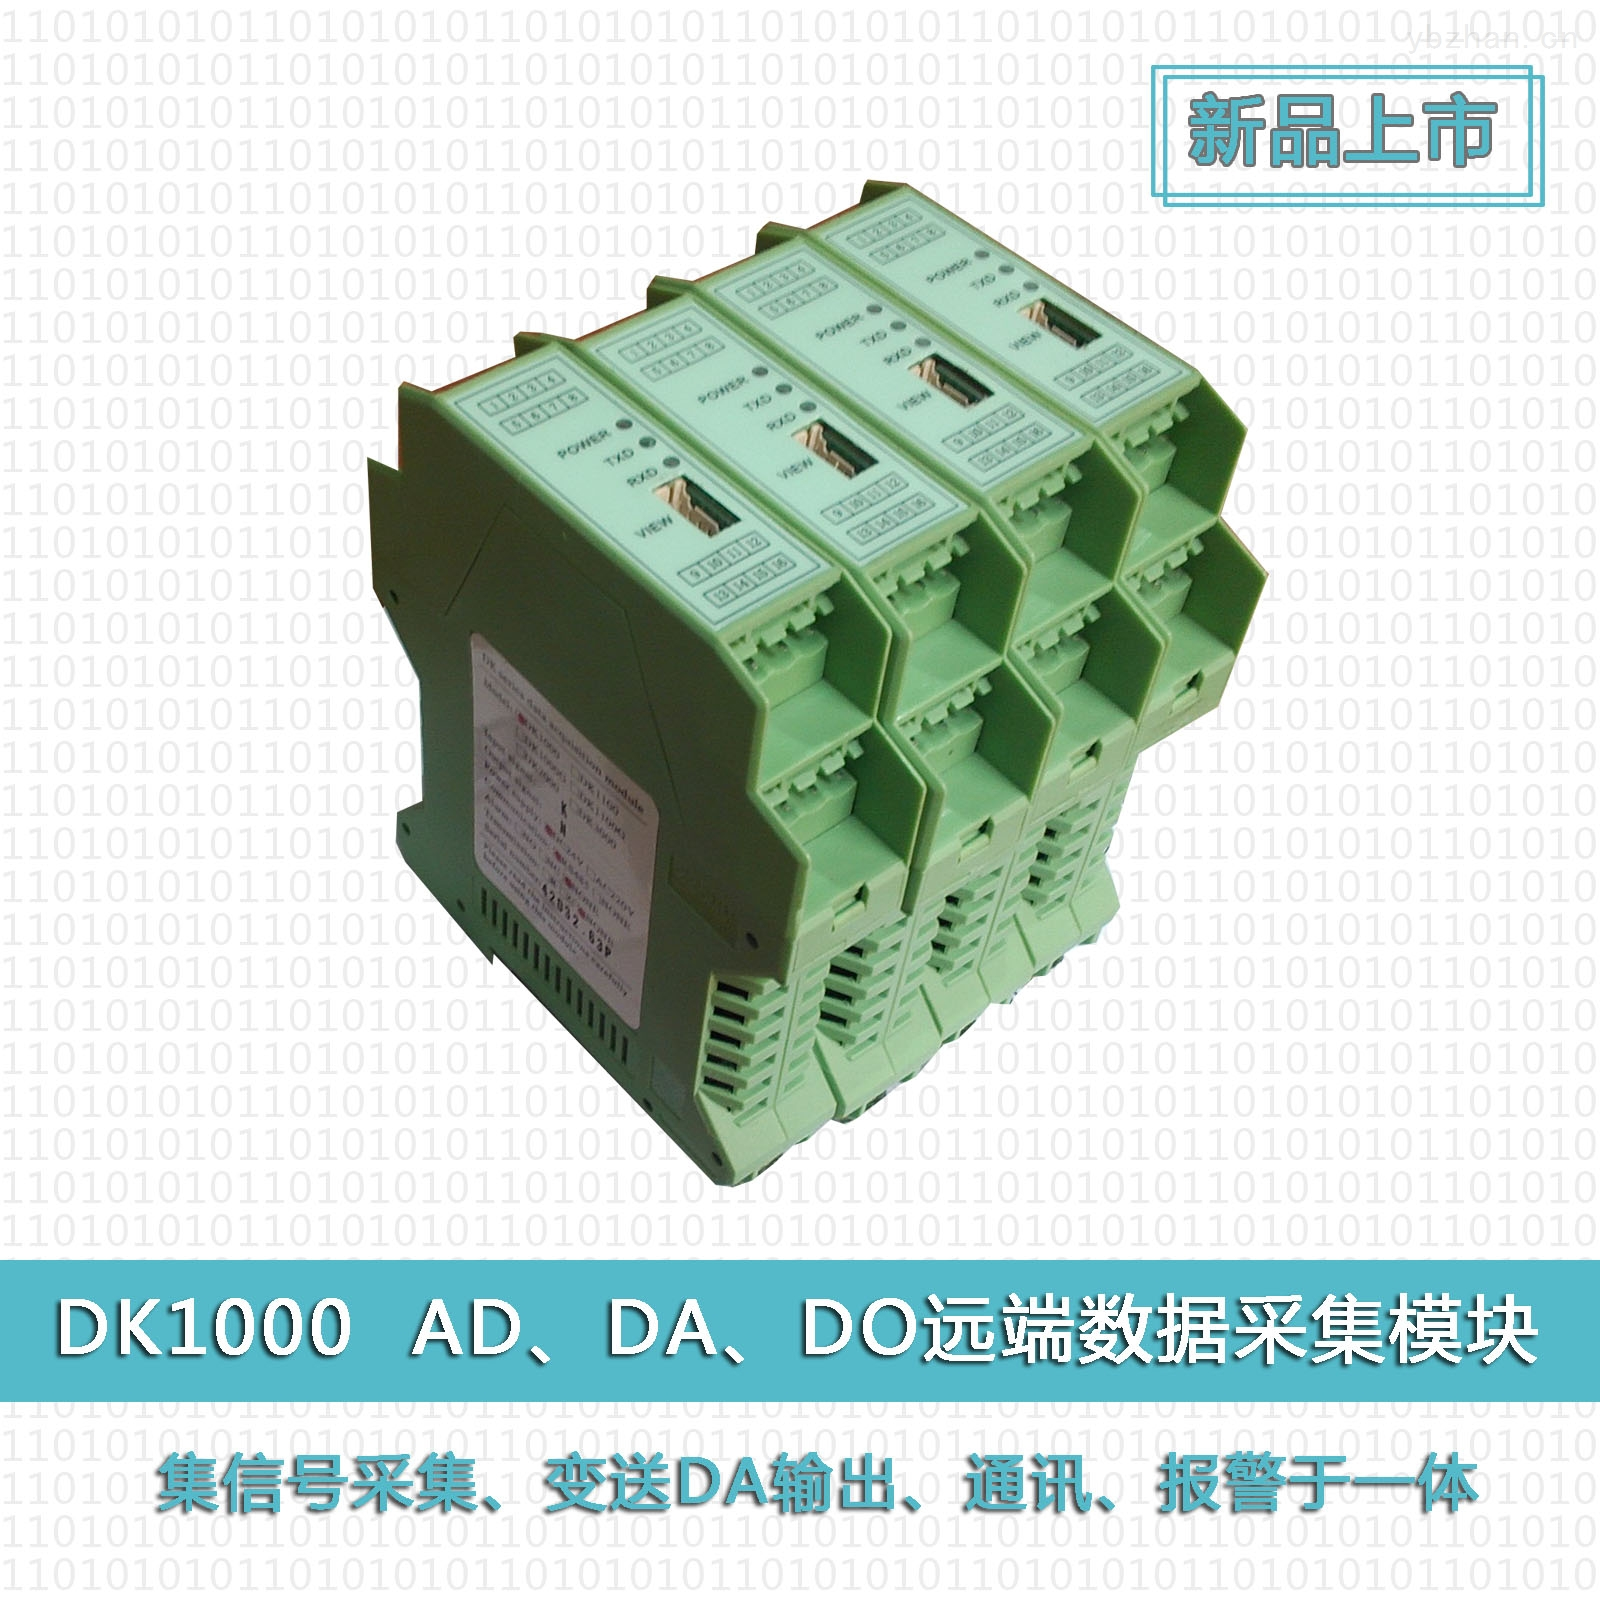 德堃DK1000 MODBUS RTU模块远端隔离变送器 24种常见信号输入